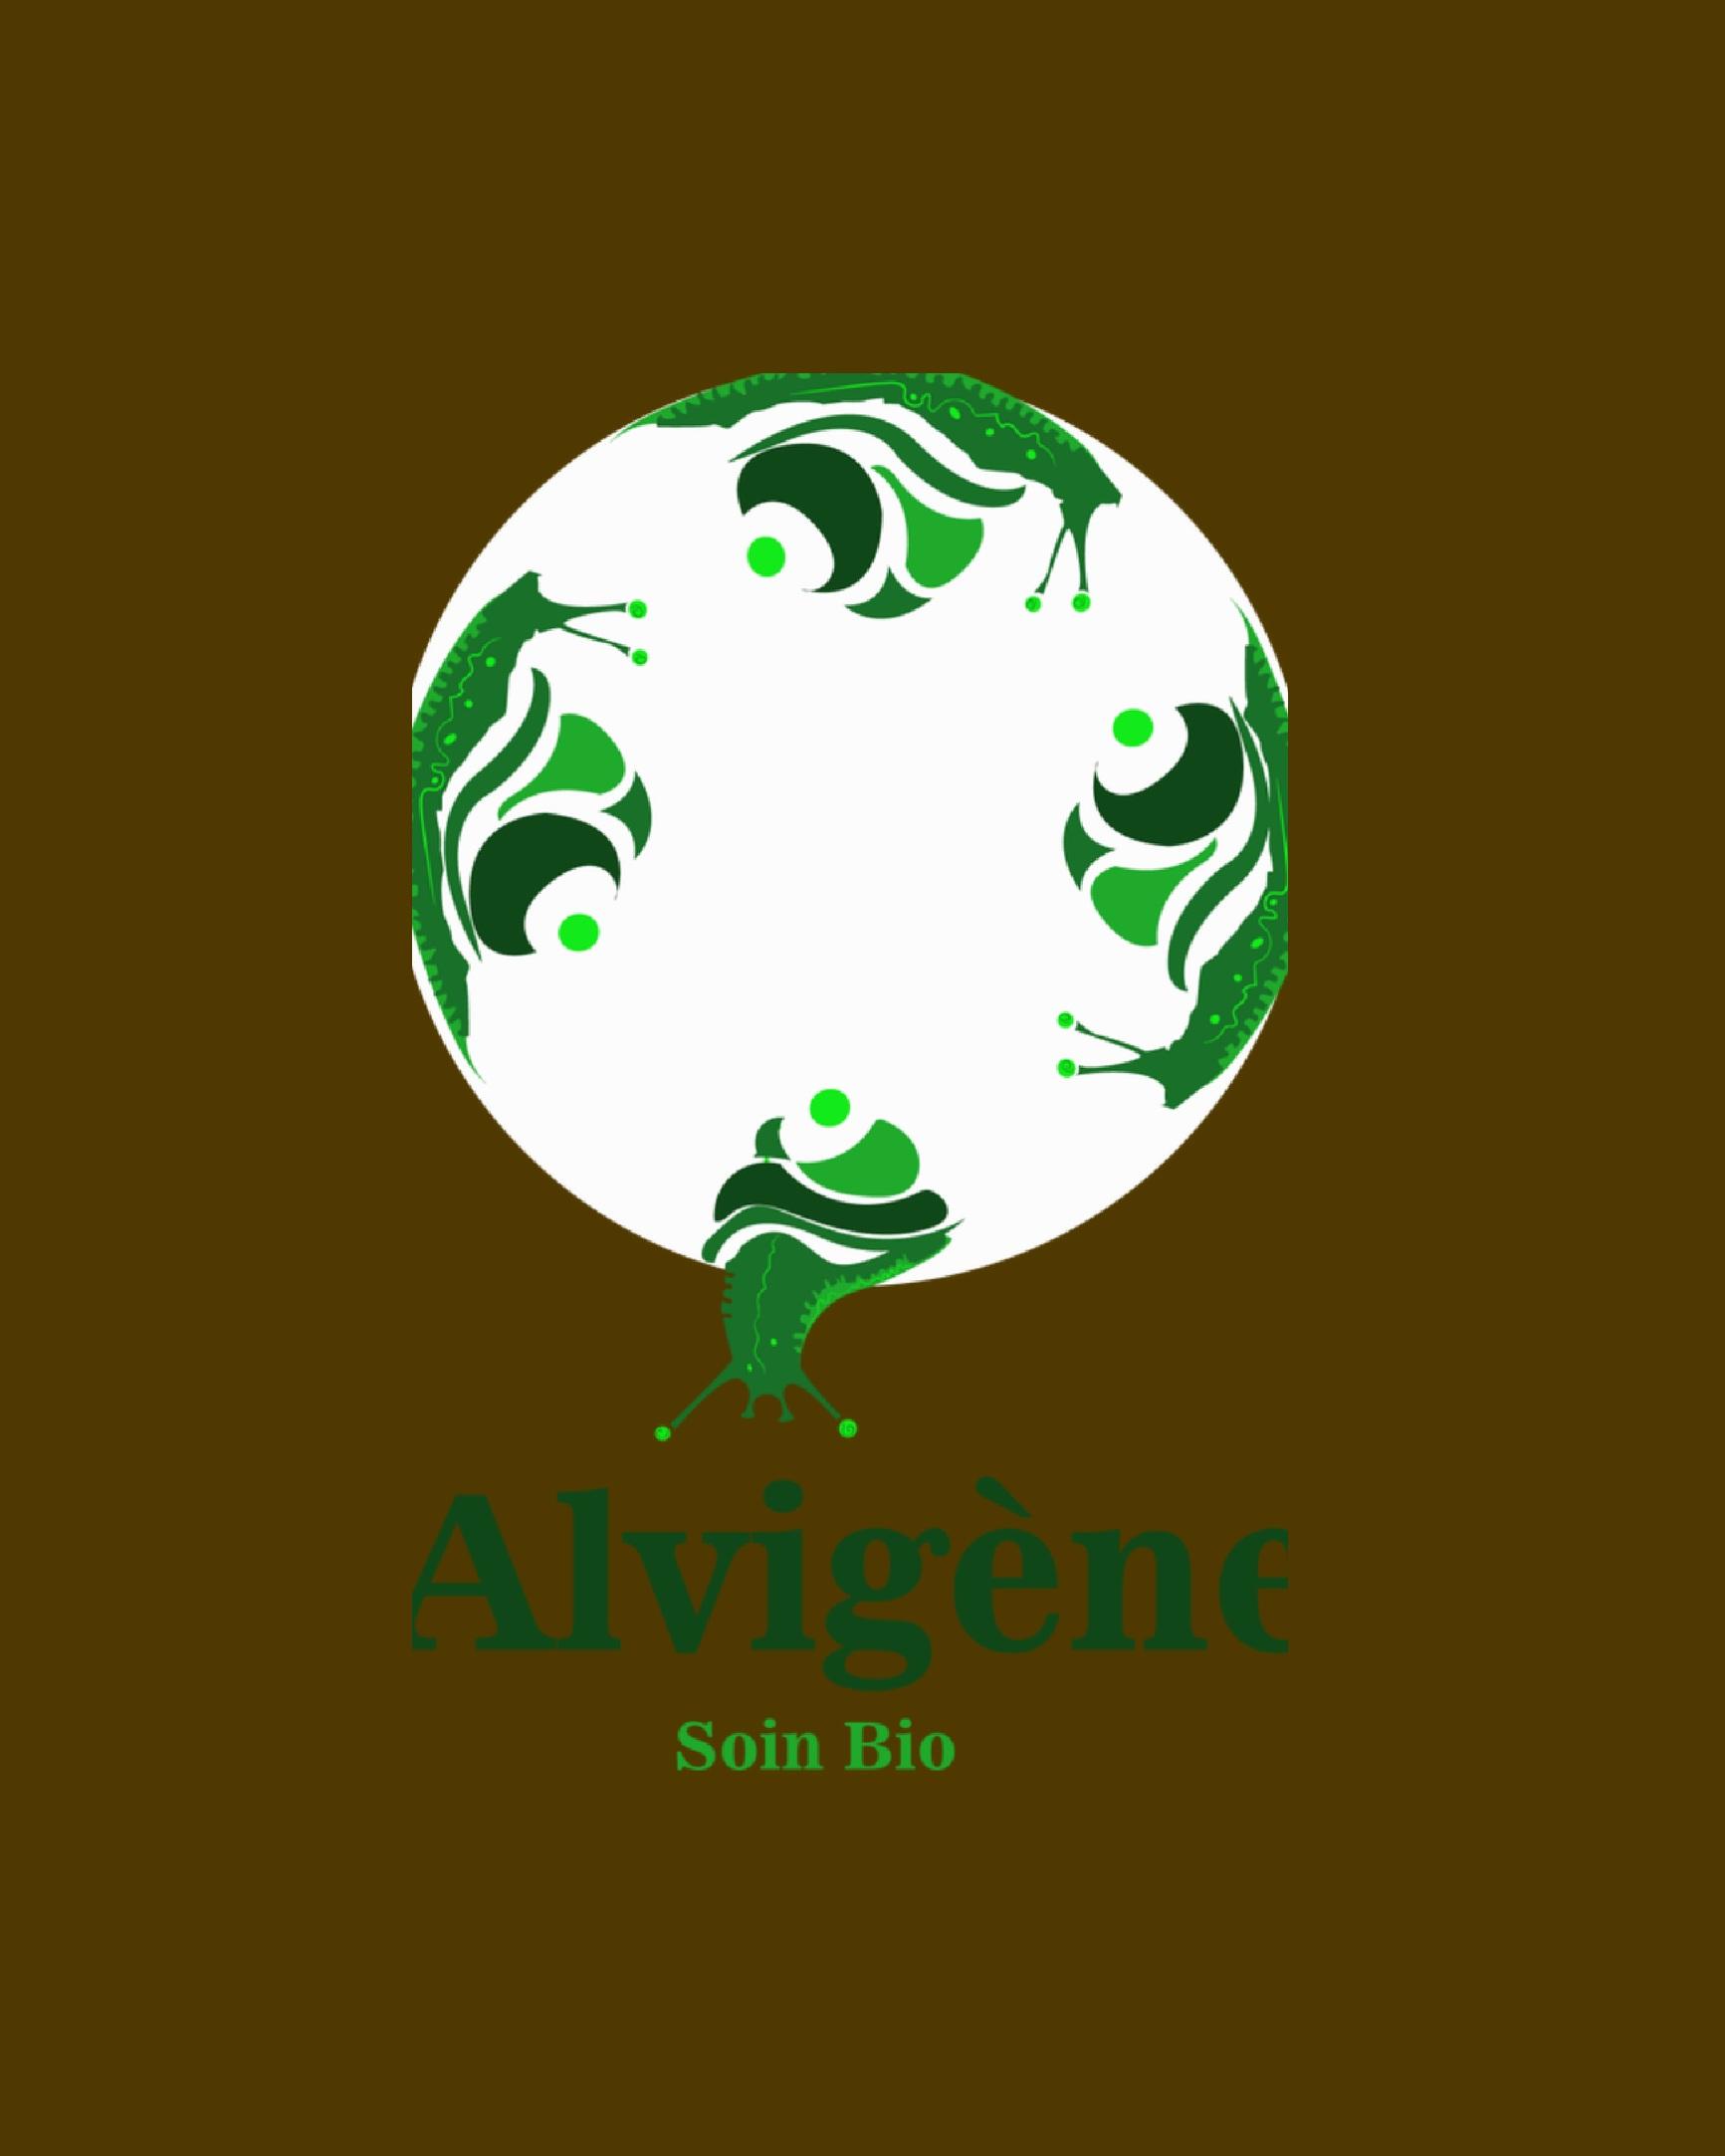 Commande de logo pour une marque de savon fait à base extraits d'escargots -